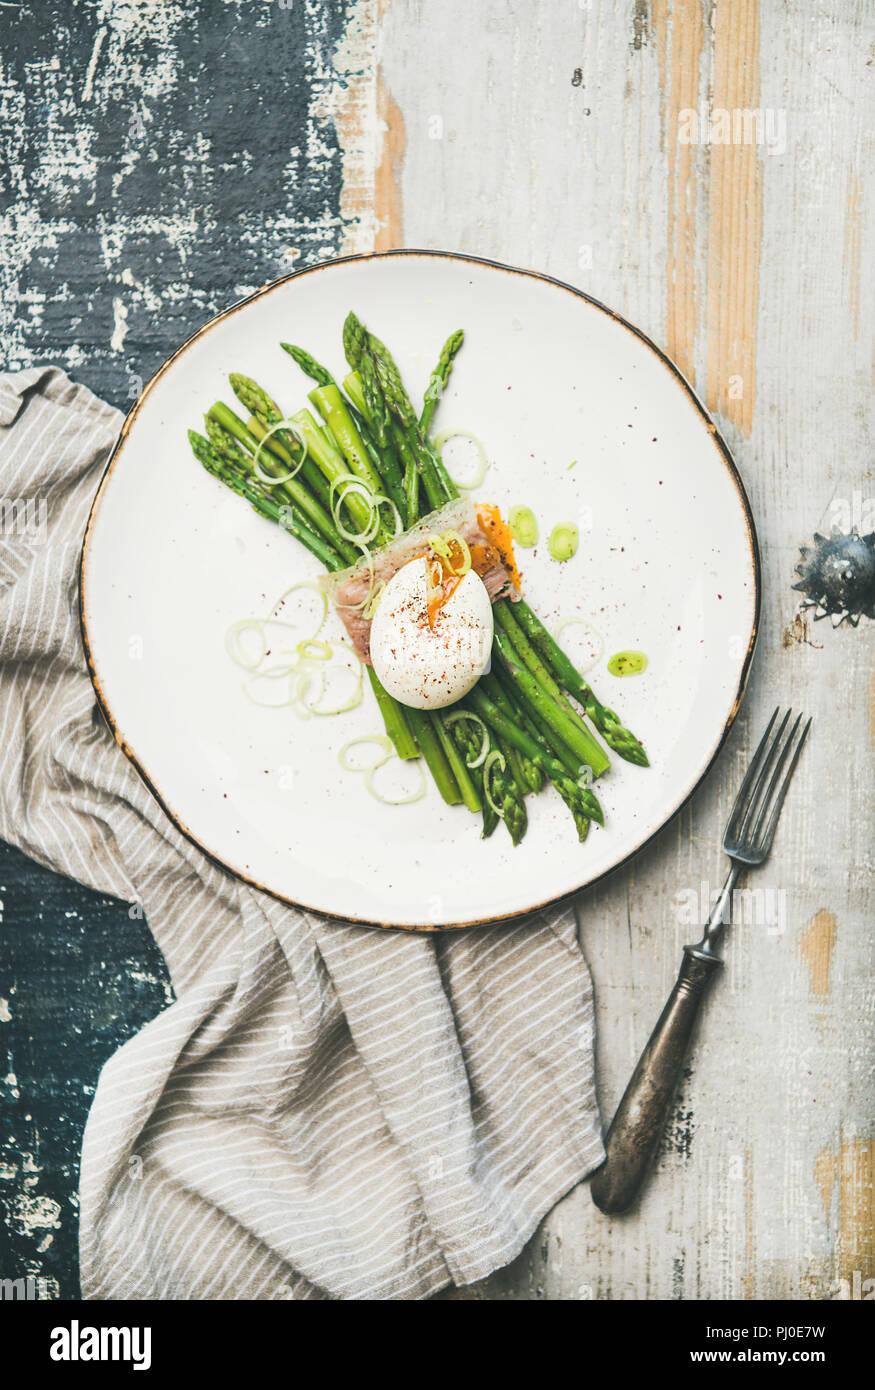 Sana colazione con asparagi verdi, soft-uovo sodo , bacon Immagini Stock